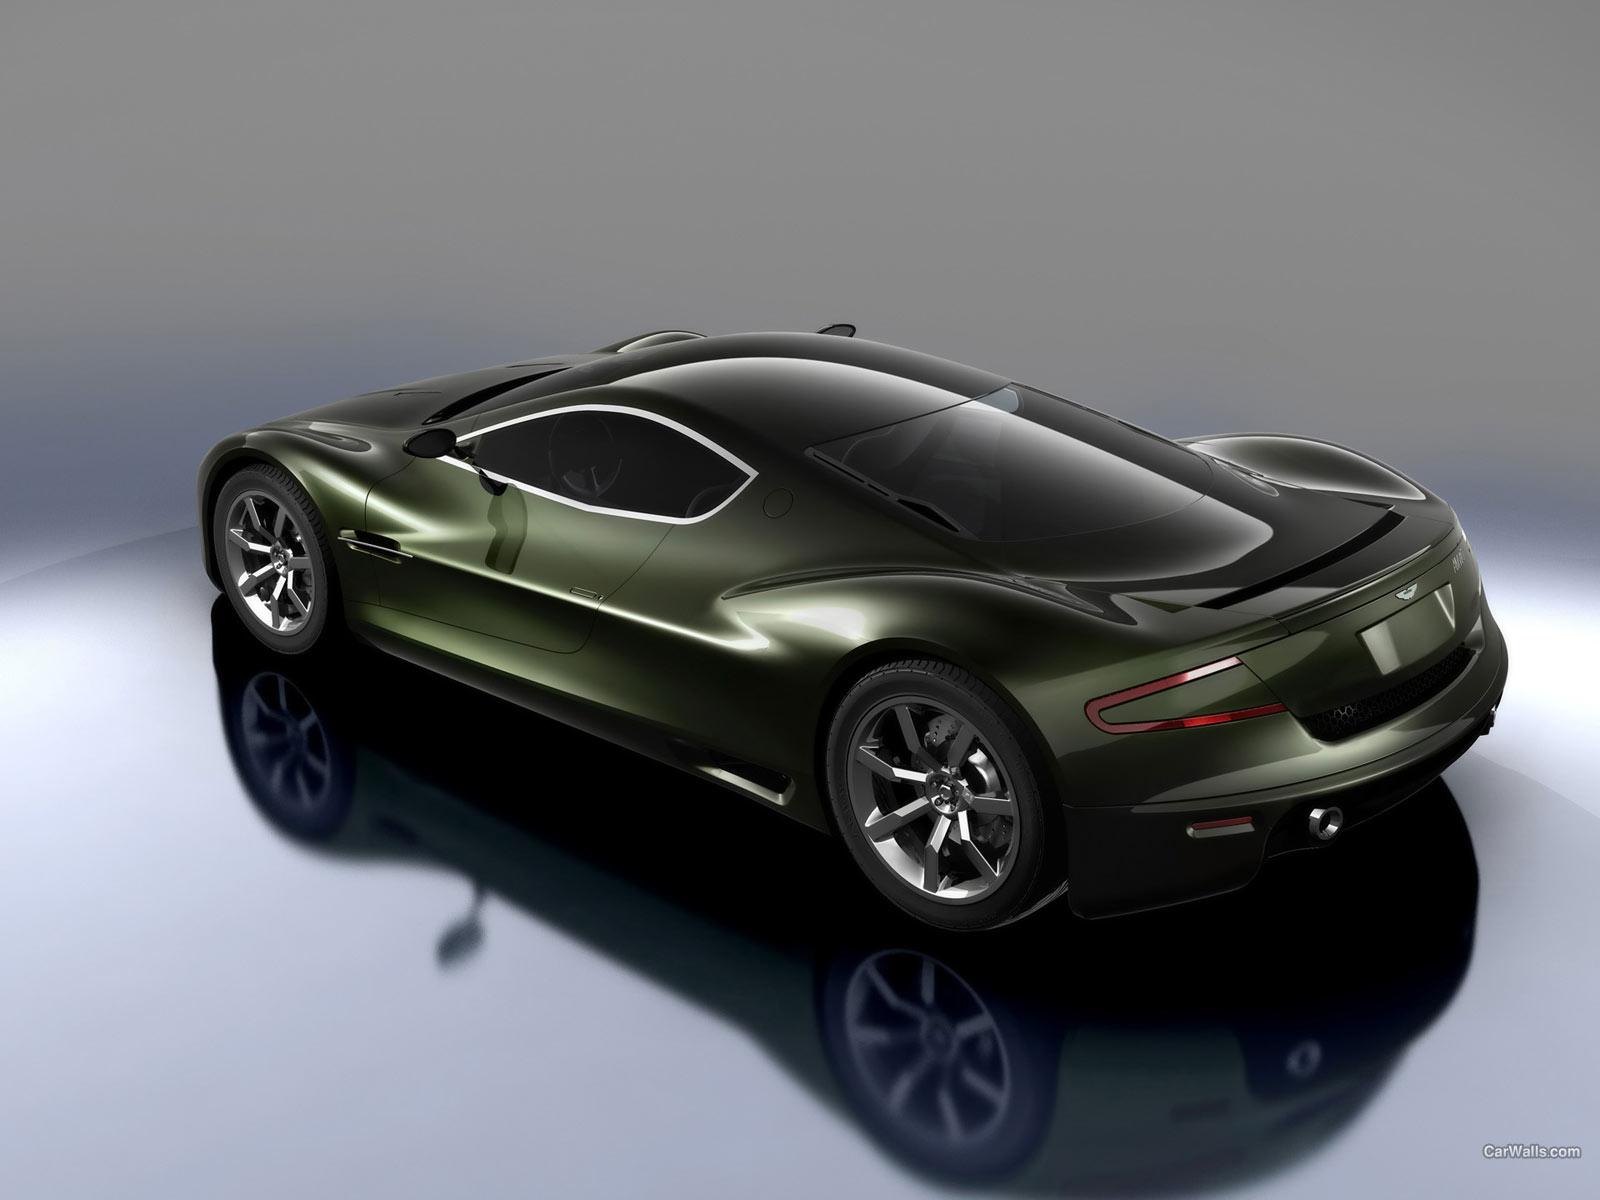 Aston Martin Car Wallpapers Aston Martin Amv10 Concept